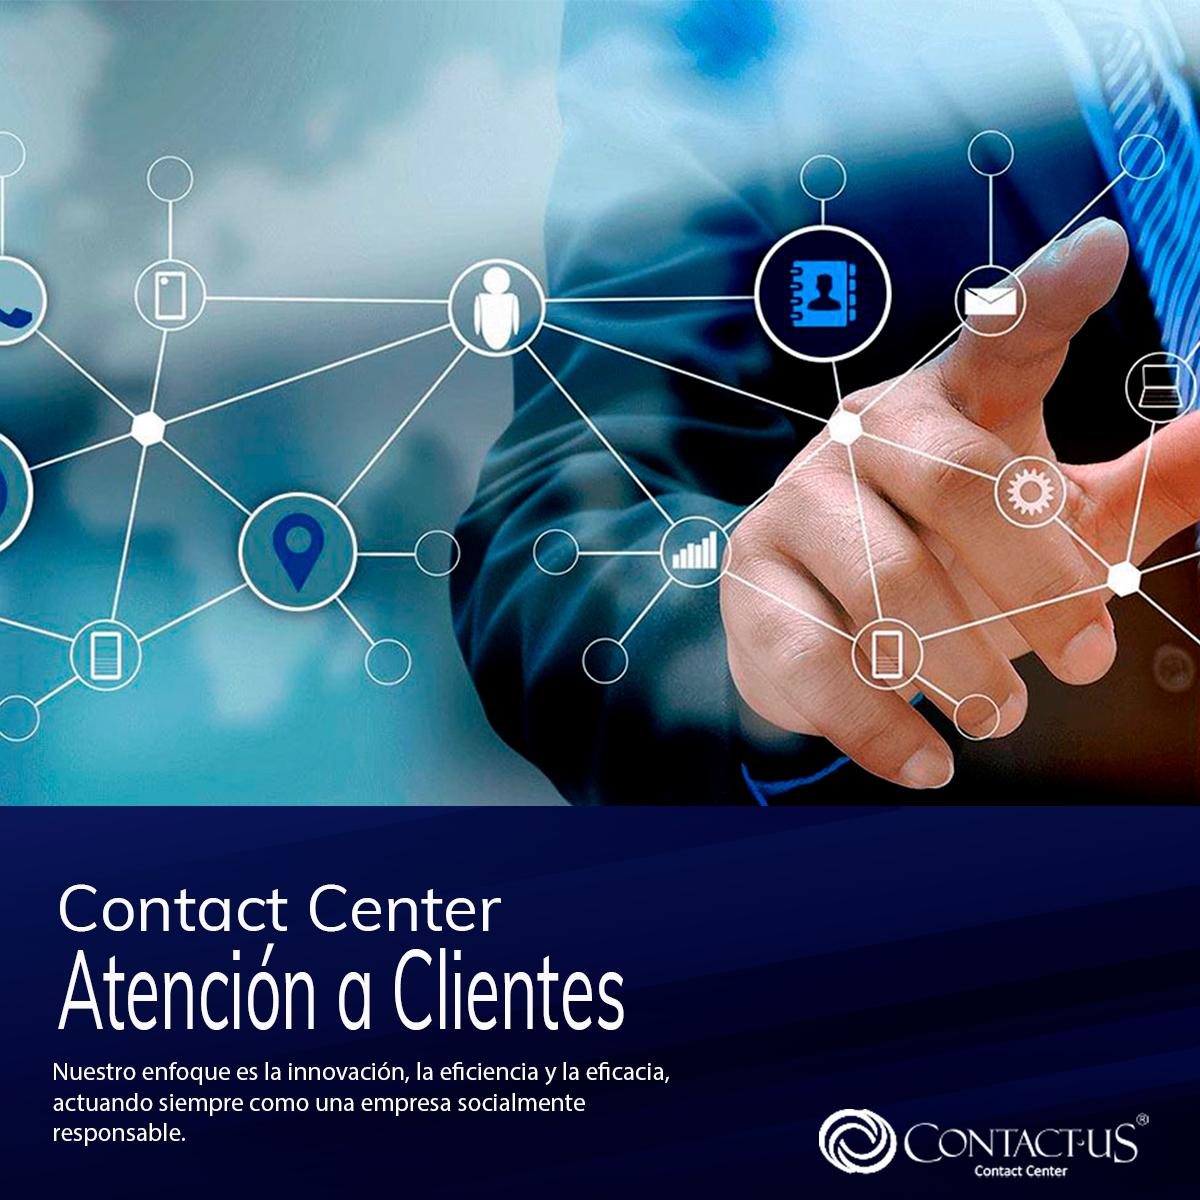 Somos un Contact Center dedicado al diseño e implementación de soluciones de atención a clientes, nosotros te llevaremos a las metas que soñaste llegar. #Puebla #AtenciónAClientes #Seguridad